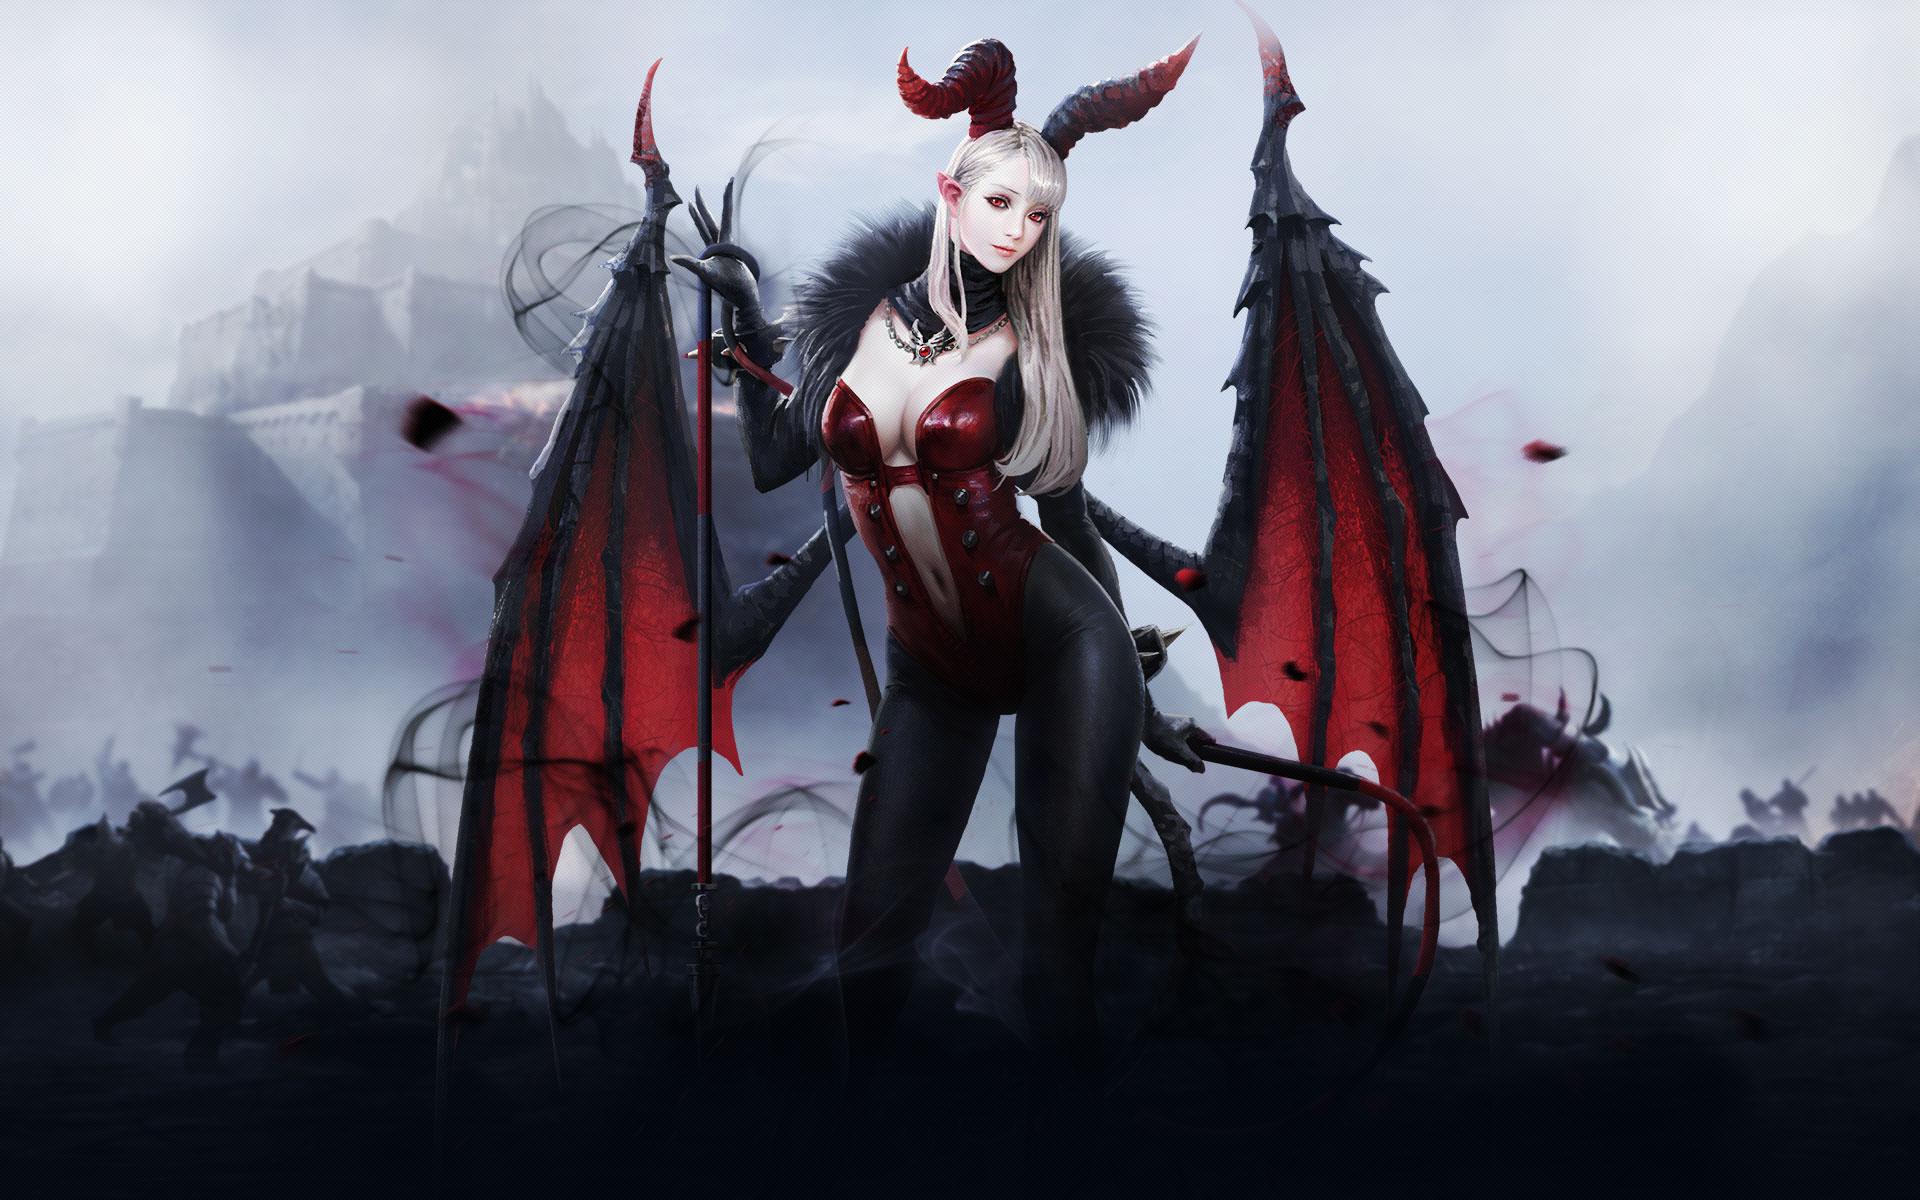 Guild Wars 2 weiter schwach, B&S stabil – Probleme bei Lineage Eternal